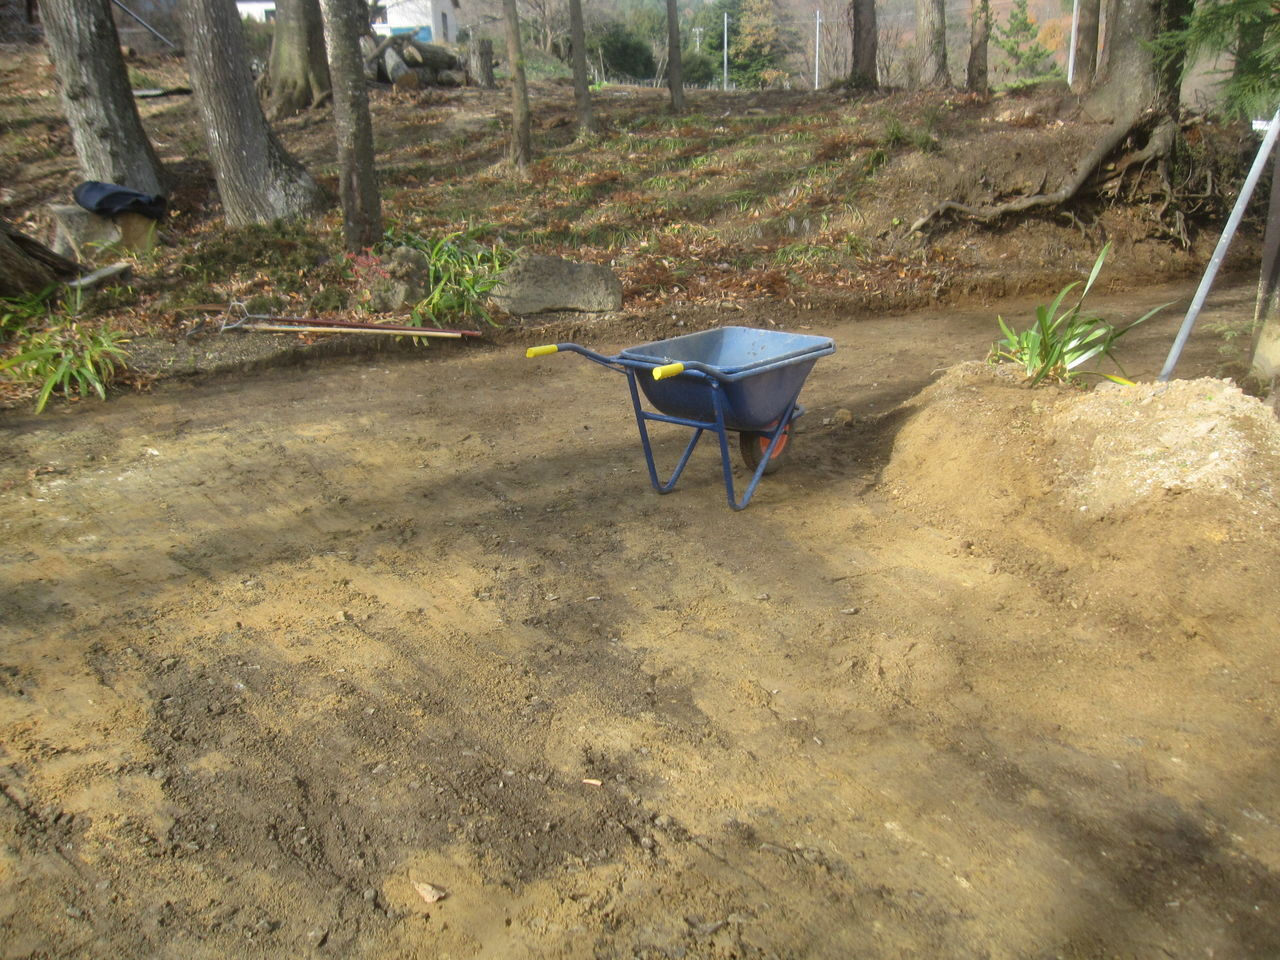 003 実際の除染面積は僅かなので、昨日の作業で半分以上の土砂が削り取られていた。 土砂の除染は